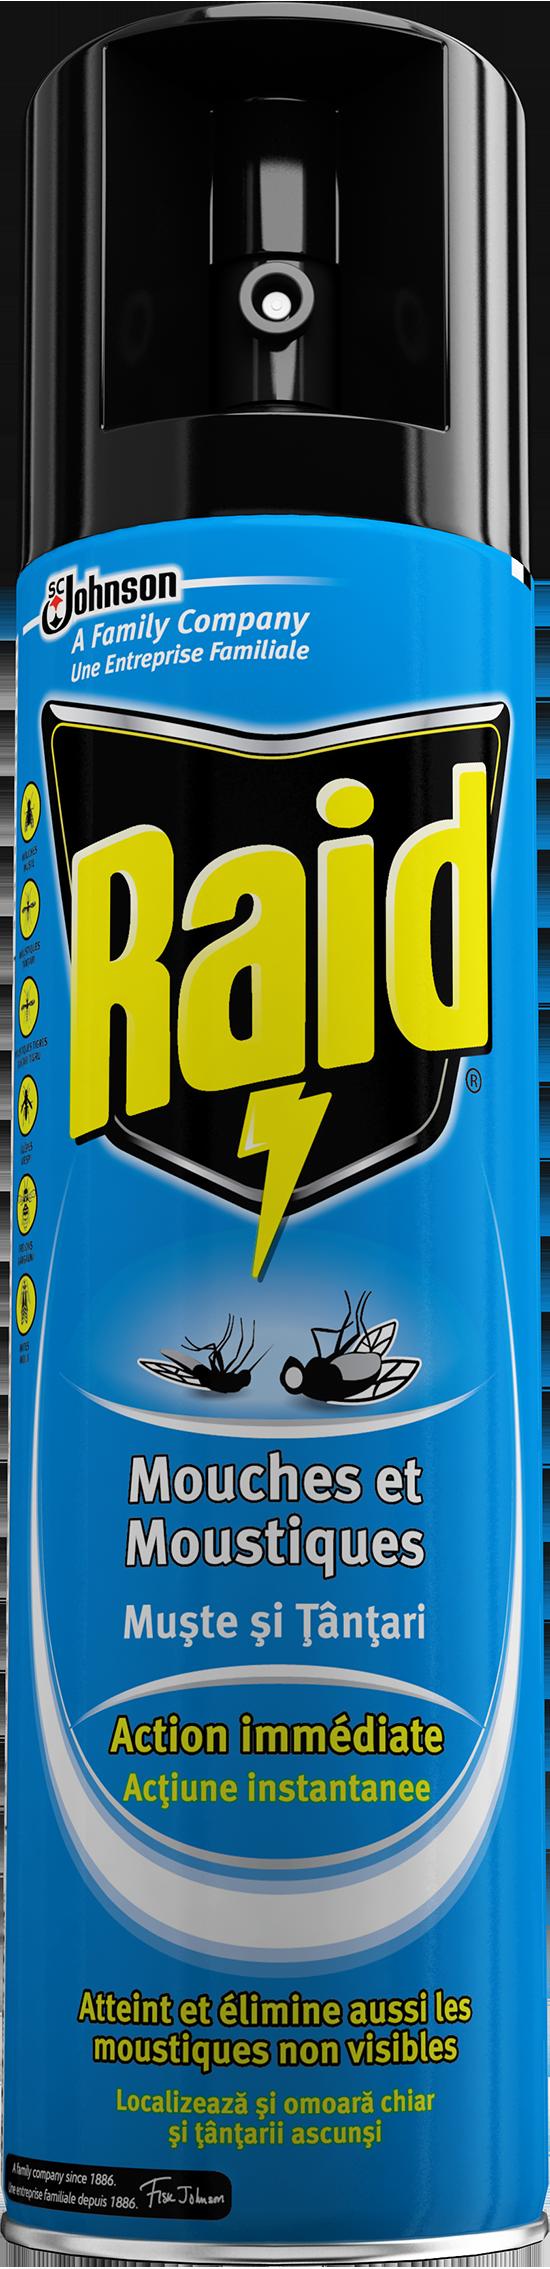 Raid a rosol anti mouches et moustiques - Raid anti moustique ...